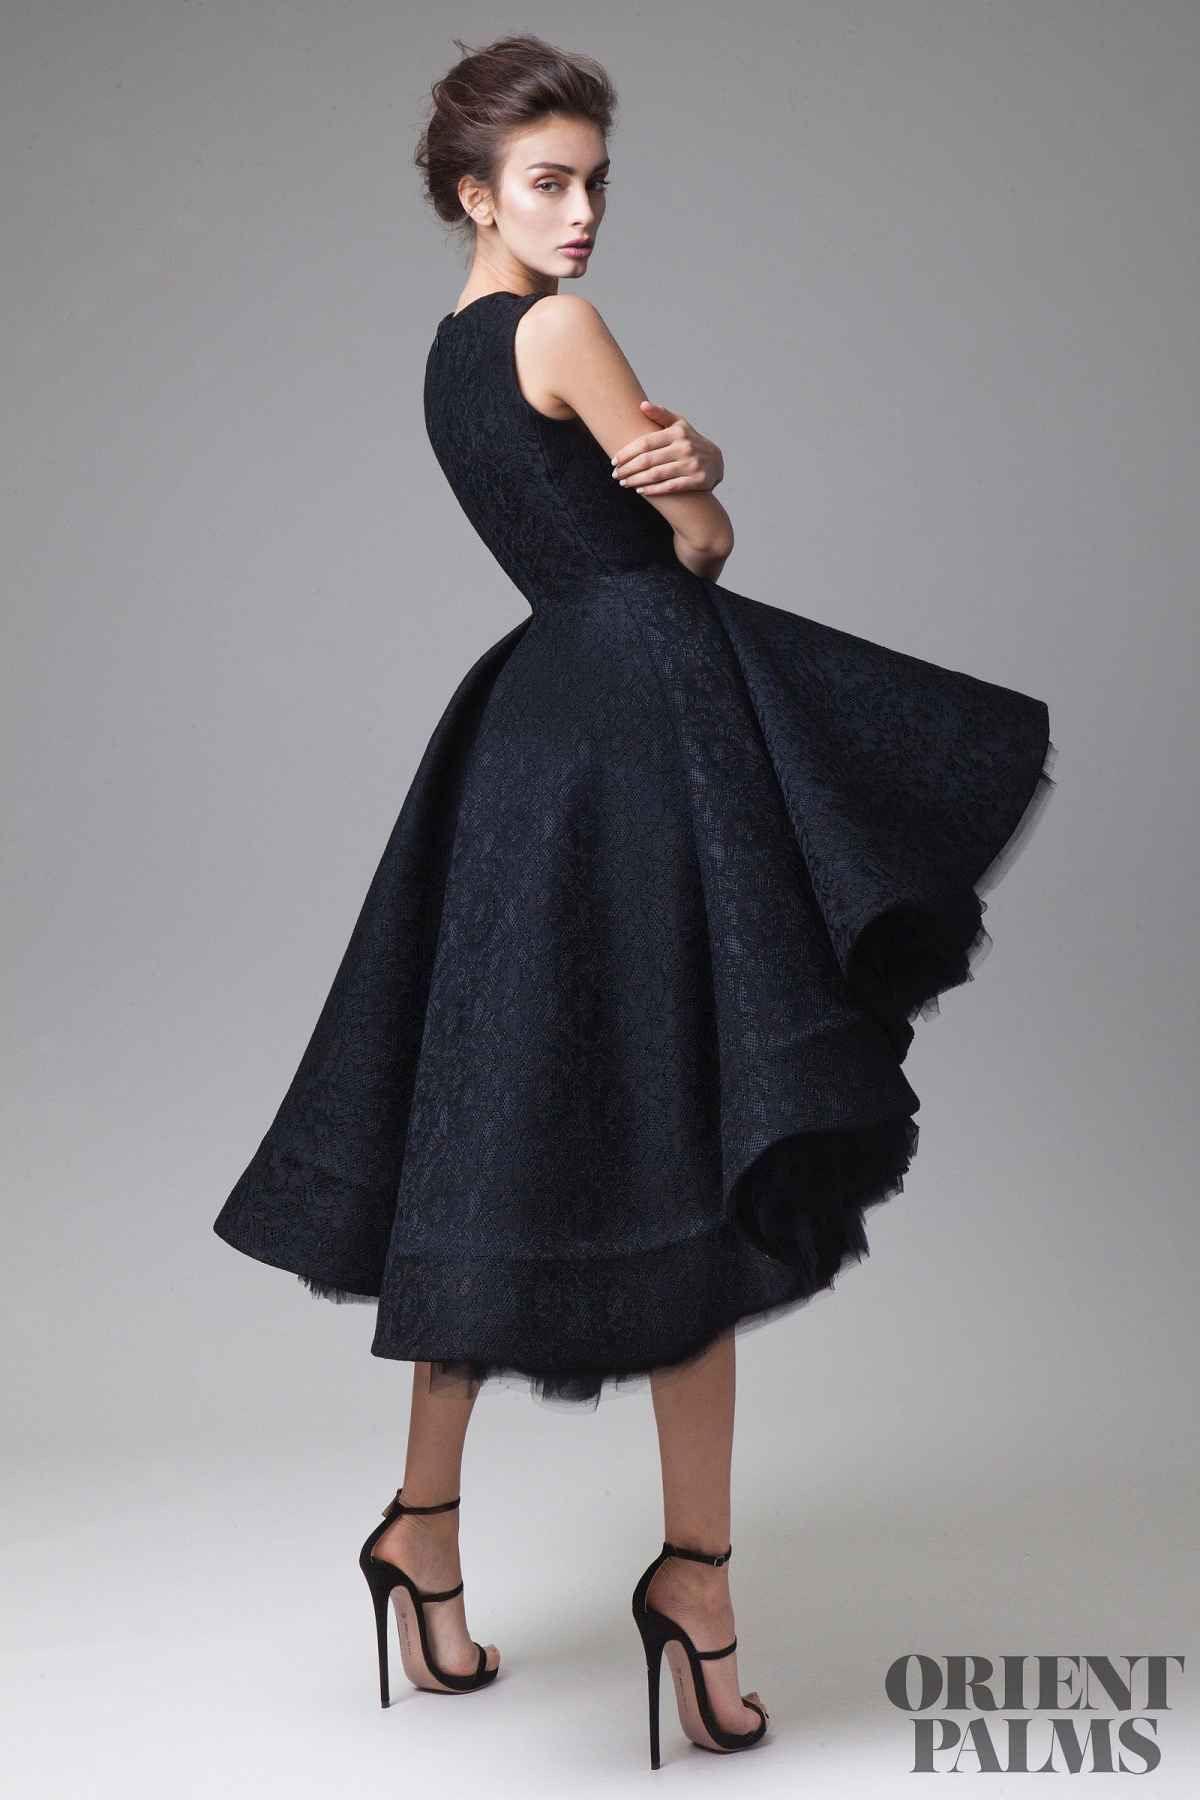 Abend Wunderbar Schwarzes Kleid Zur Hochzeit Galerie Einzigartig Schwarzes Kleid Zur Hochzeit Vertrieb